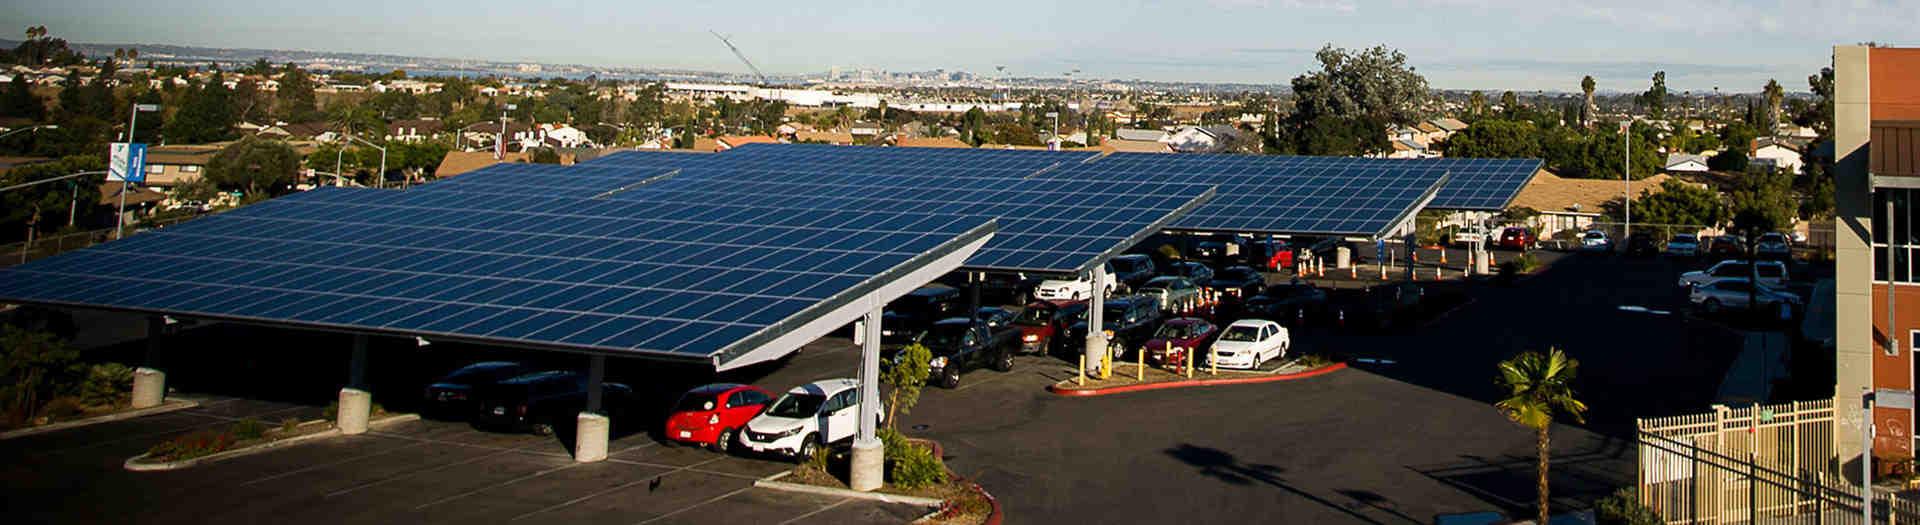 How profitable is a solar farm?